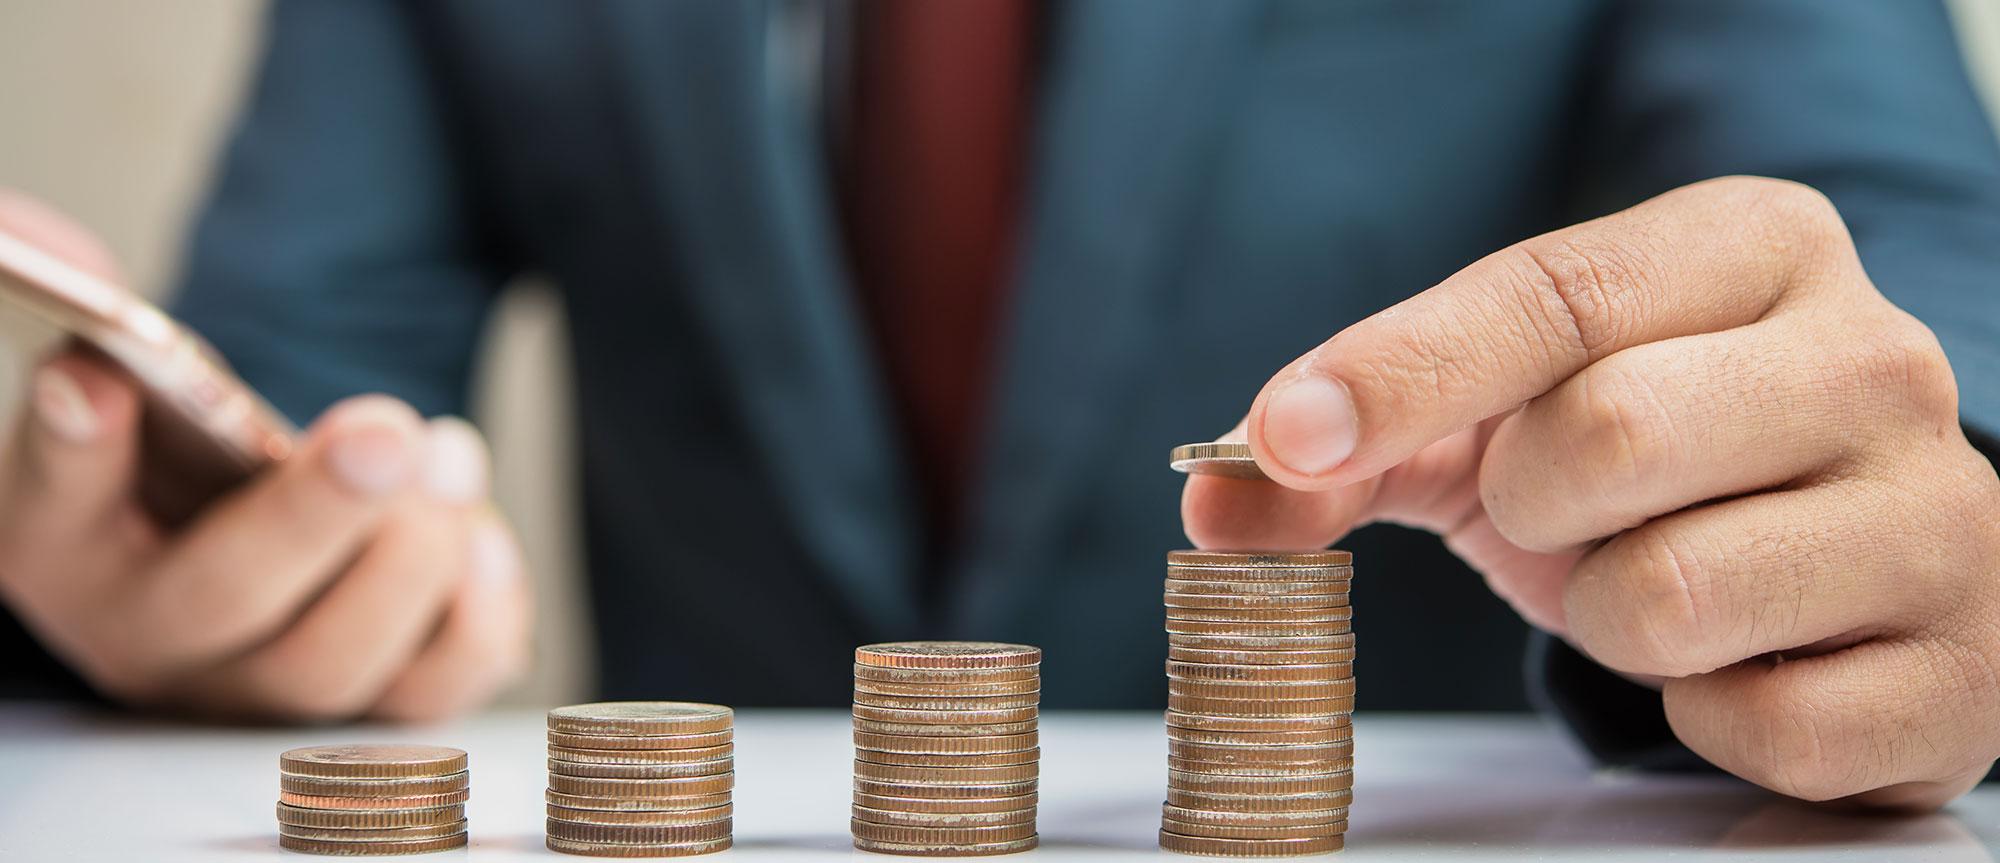 Como prosperar financeiramente